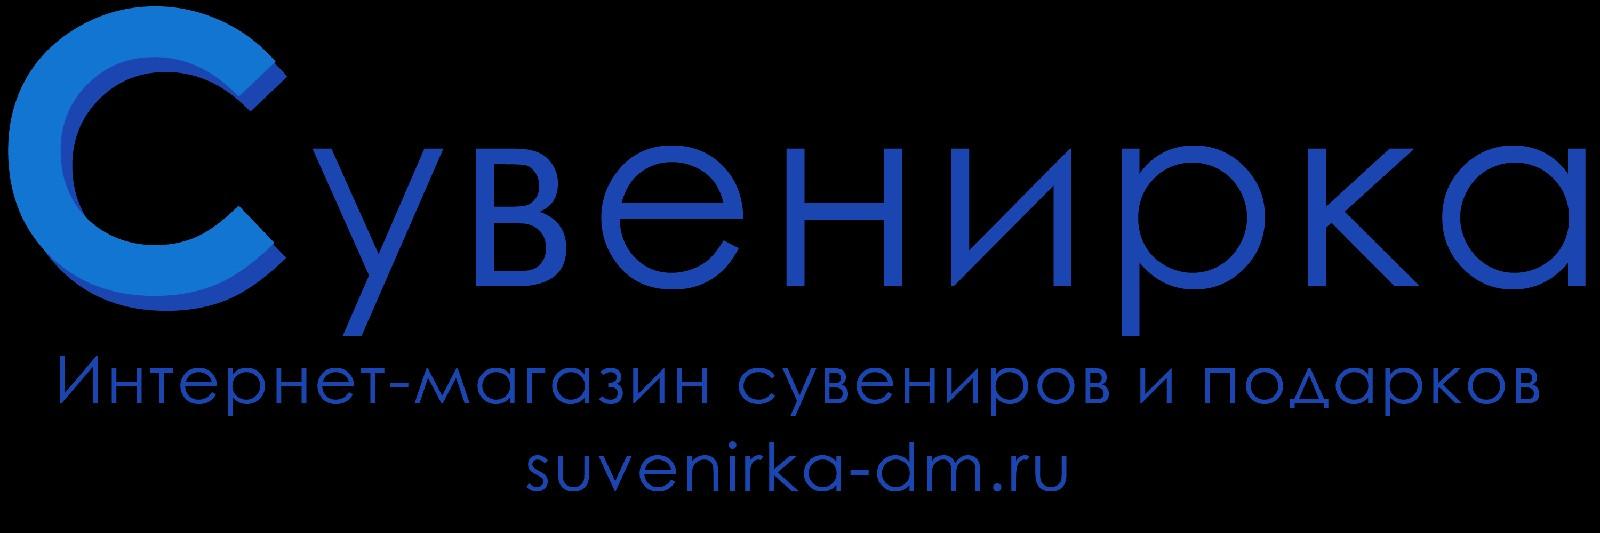 """Интернет-магазин сувениров и подарков """"Сувенирка"""""""